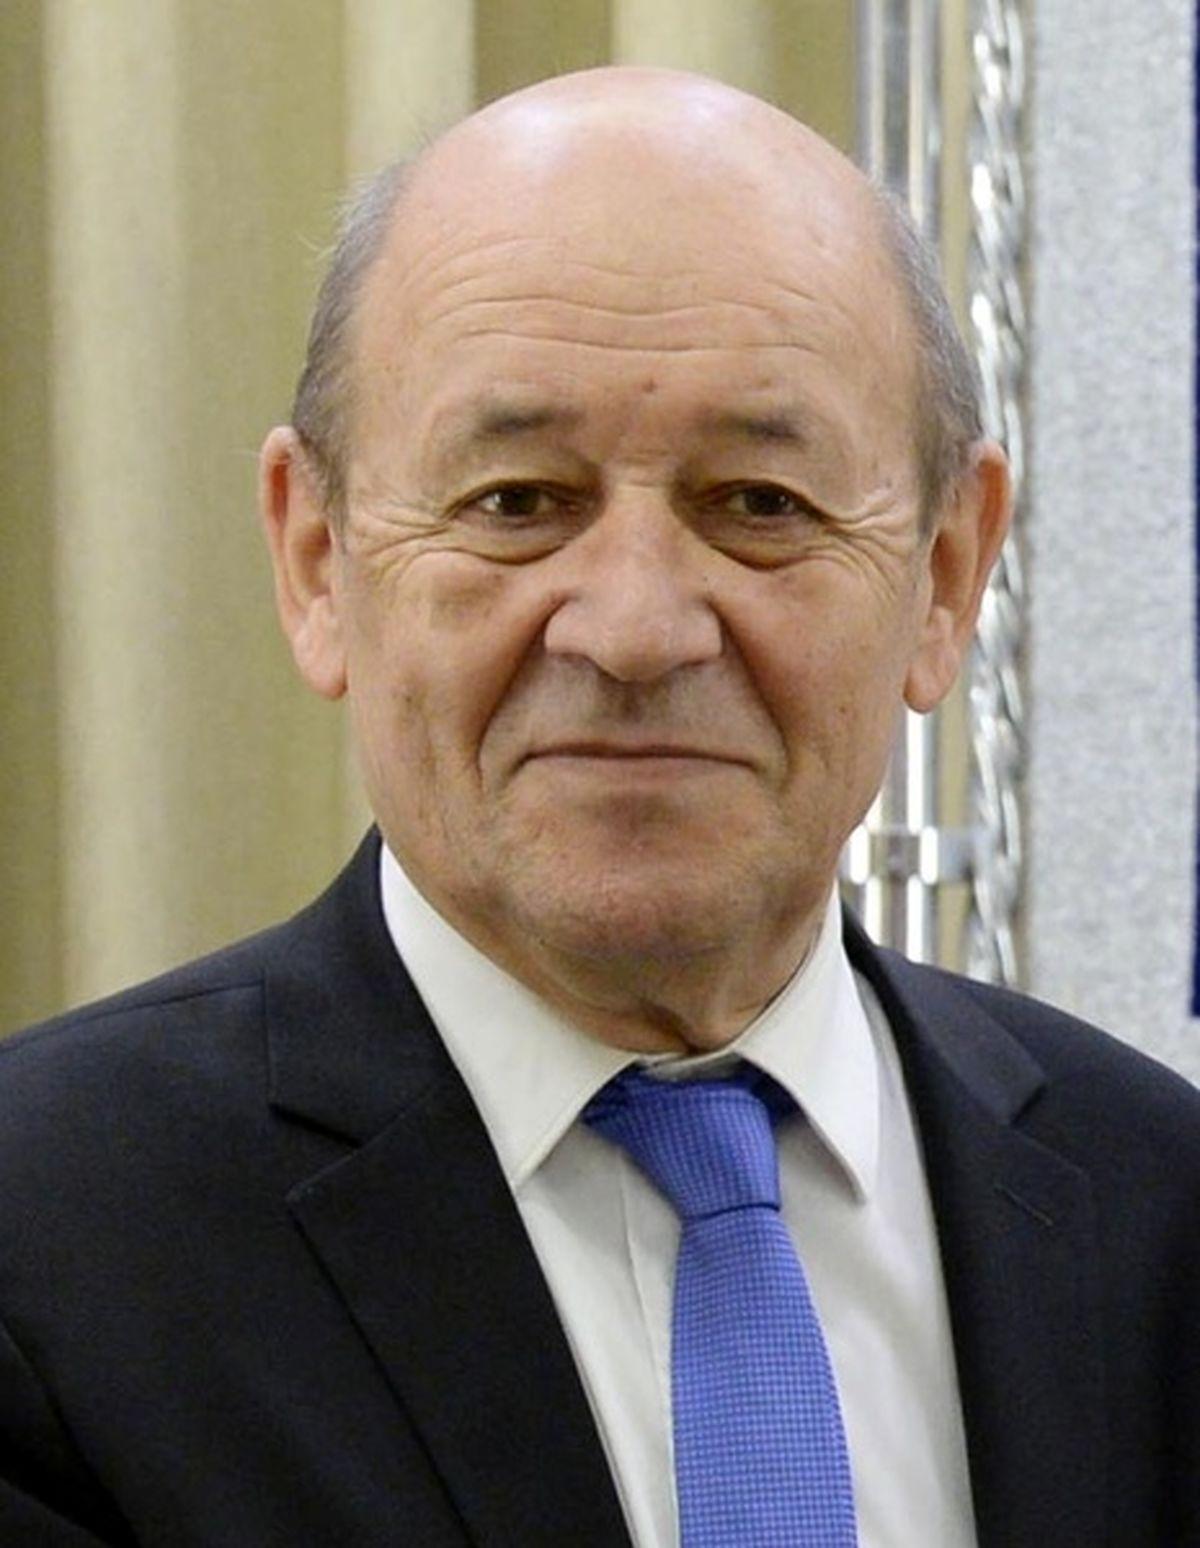 بیانیه وزارت خارجه فرانسه در مورد گفتوگوی تلفنی لودریان و امیرعبداللهیان